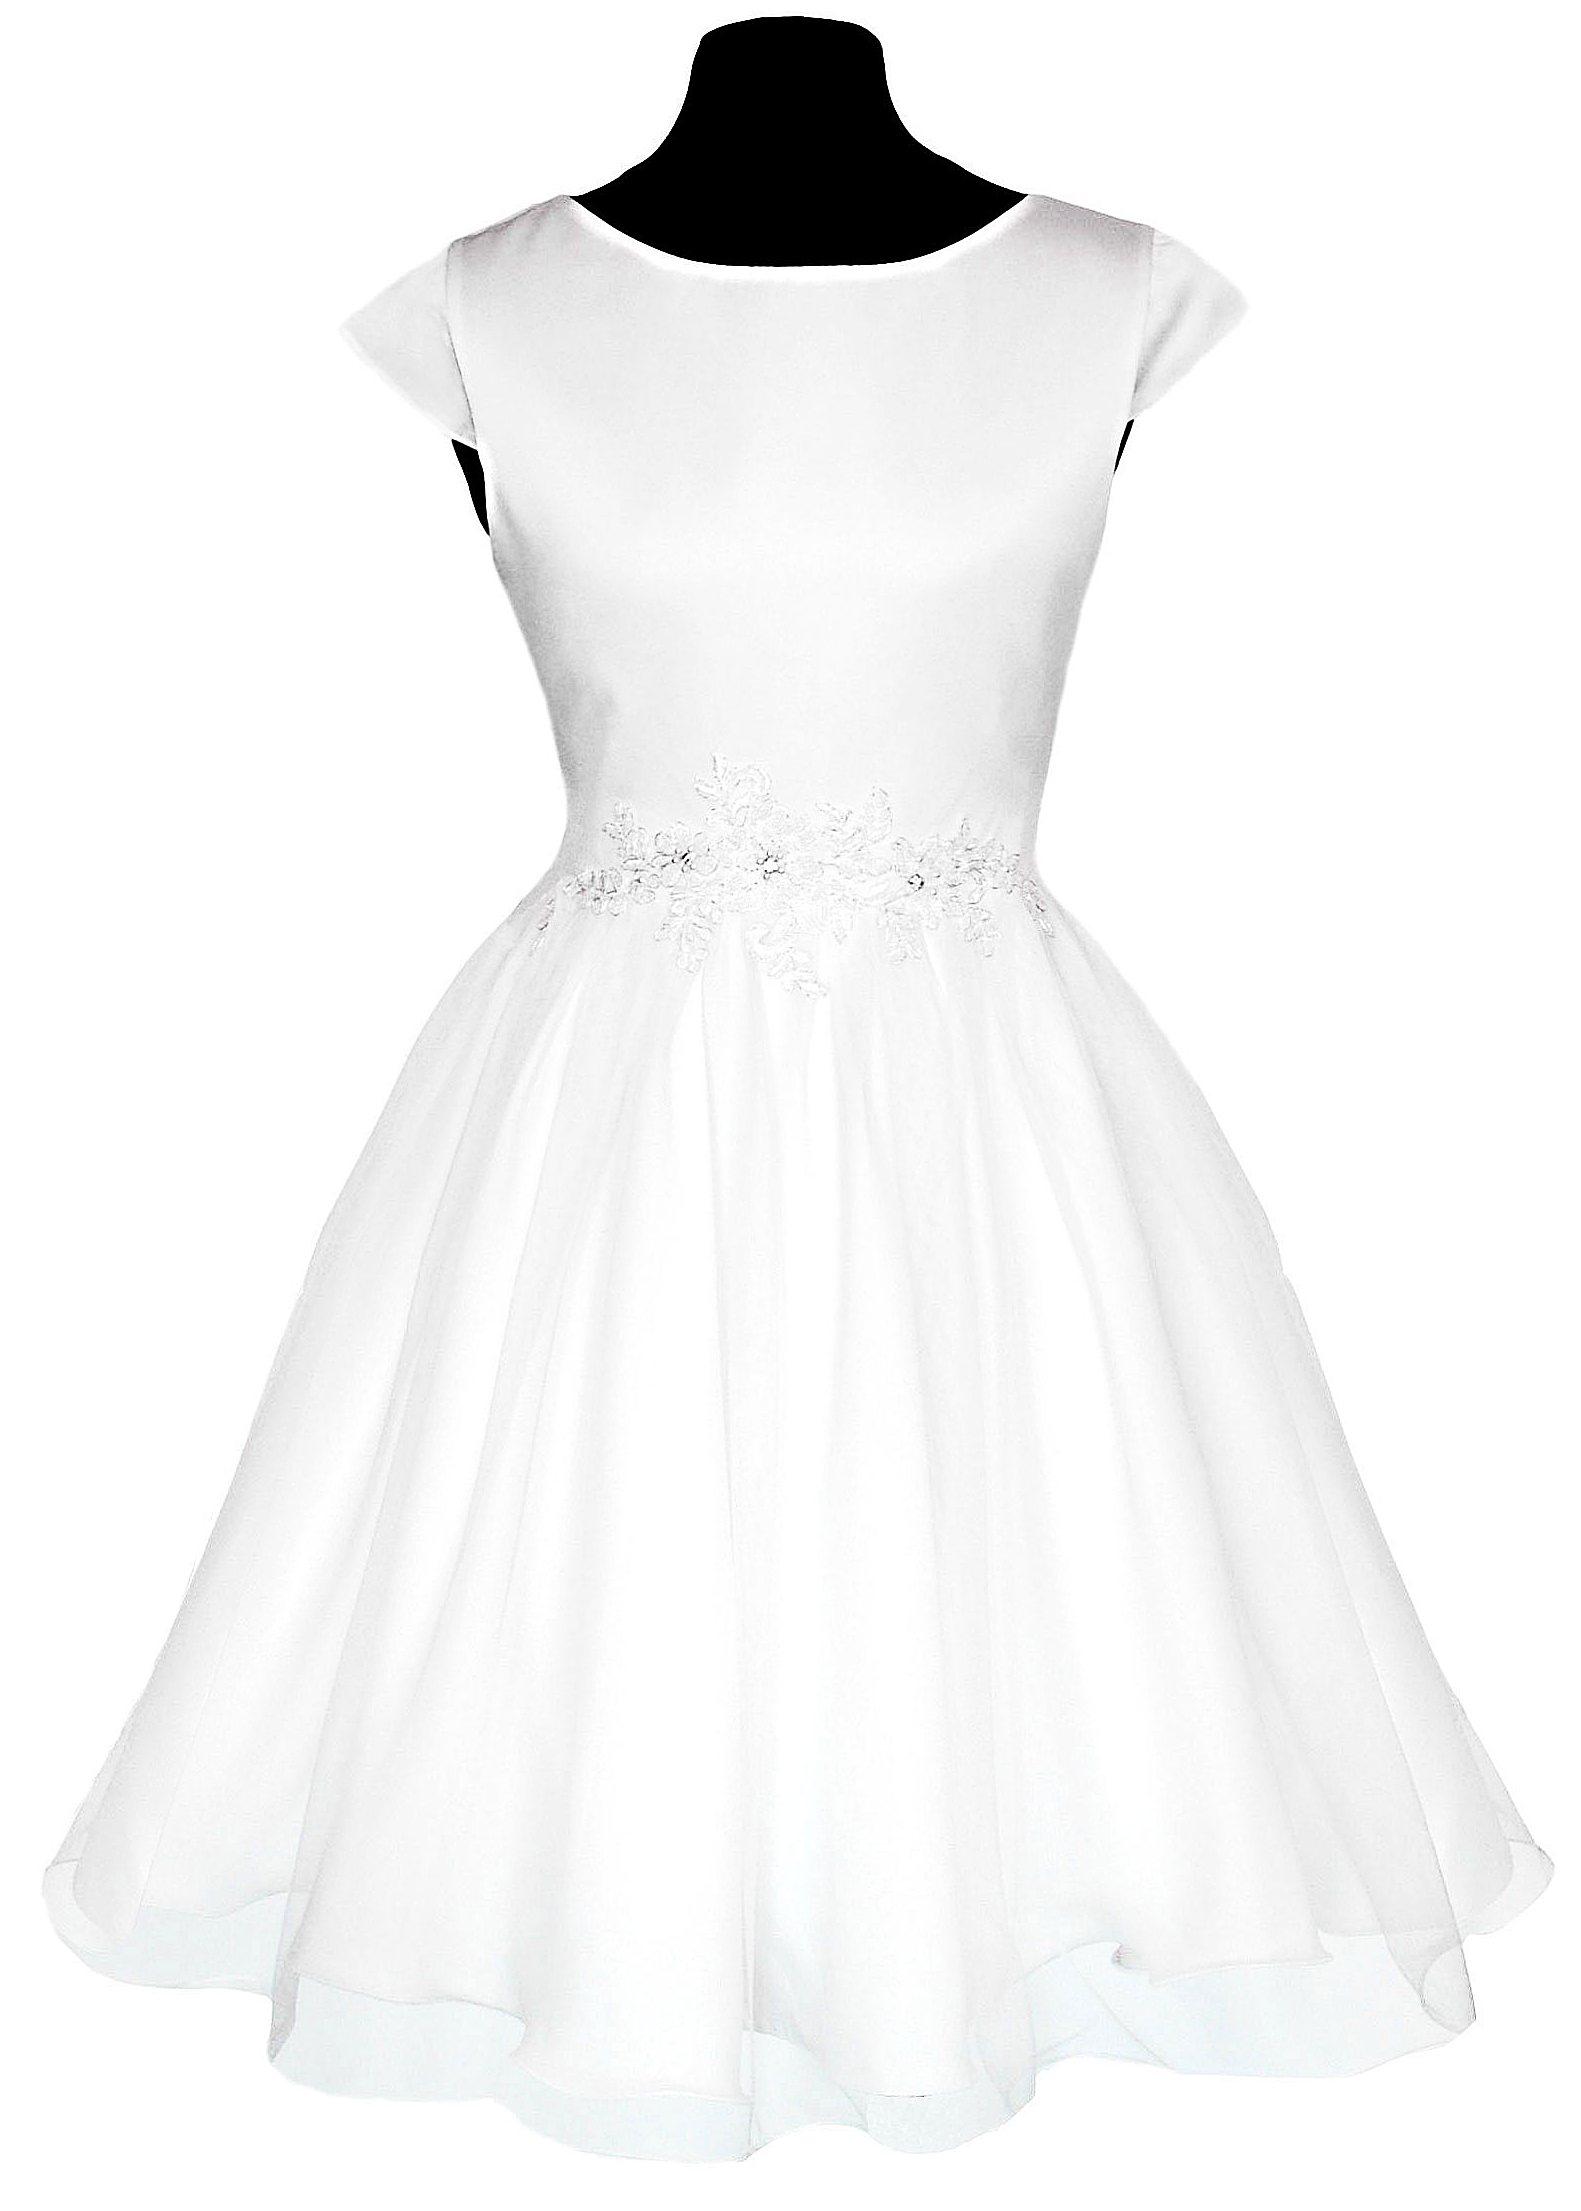 śnieżnobiała suknia wizytowa dziewczęca